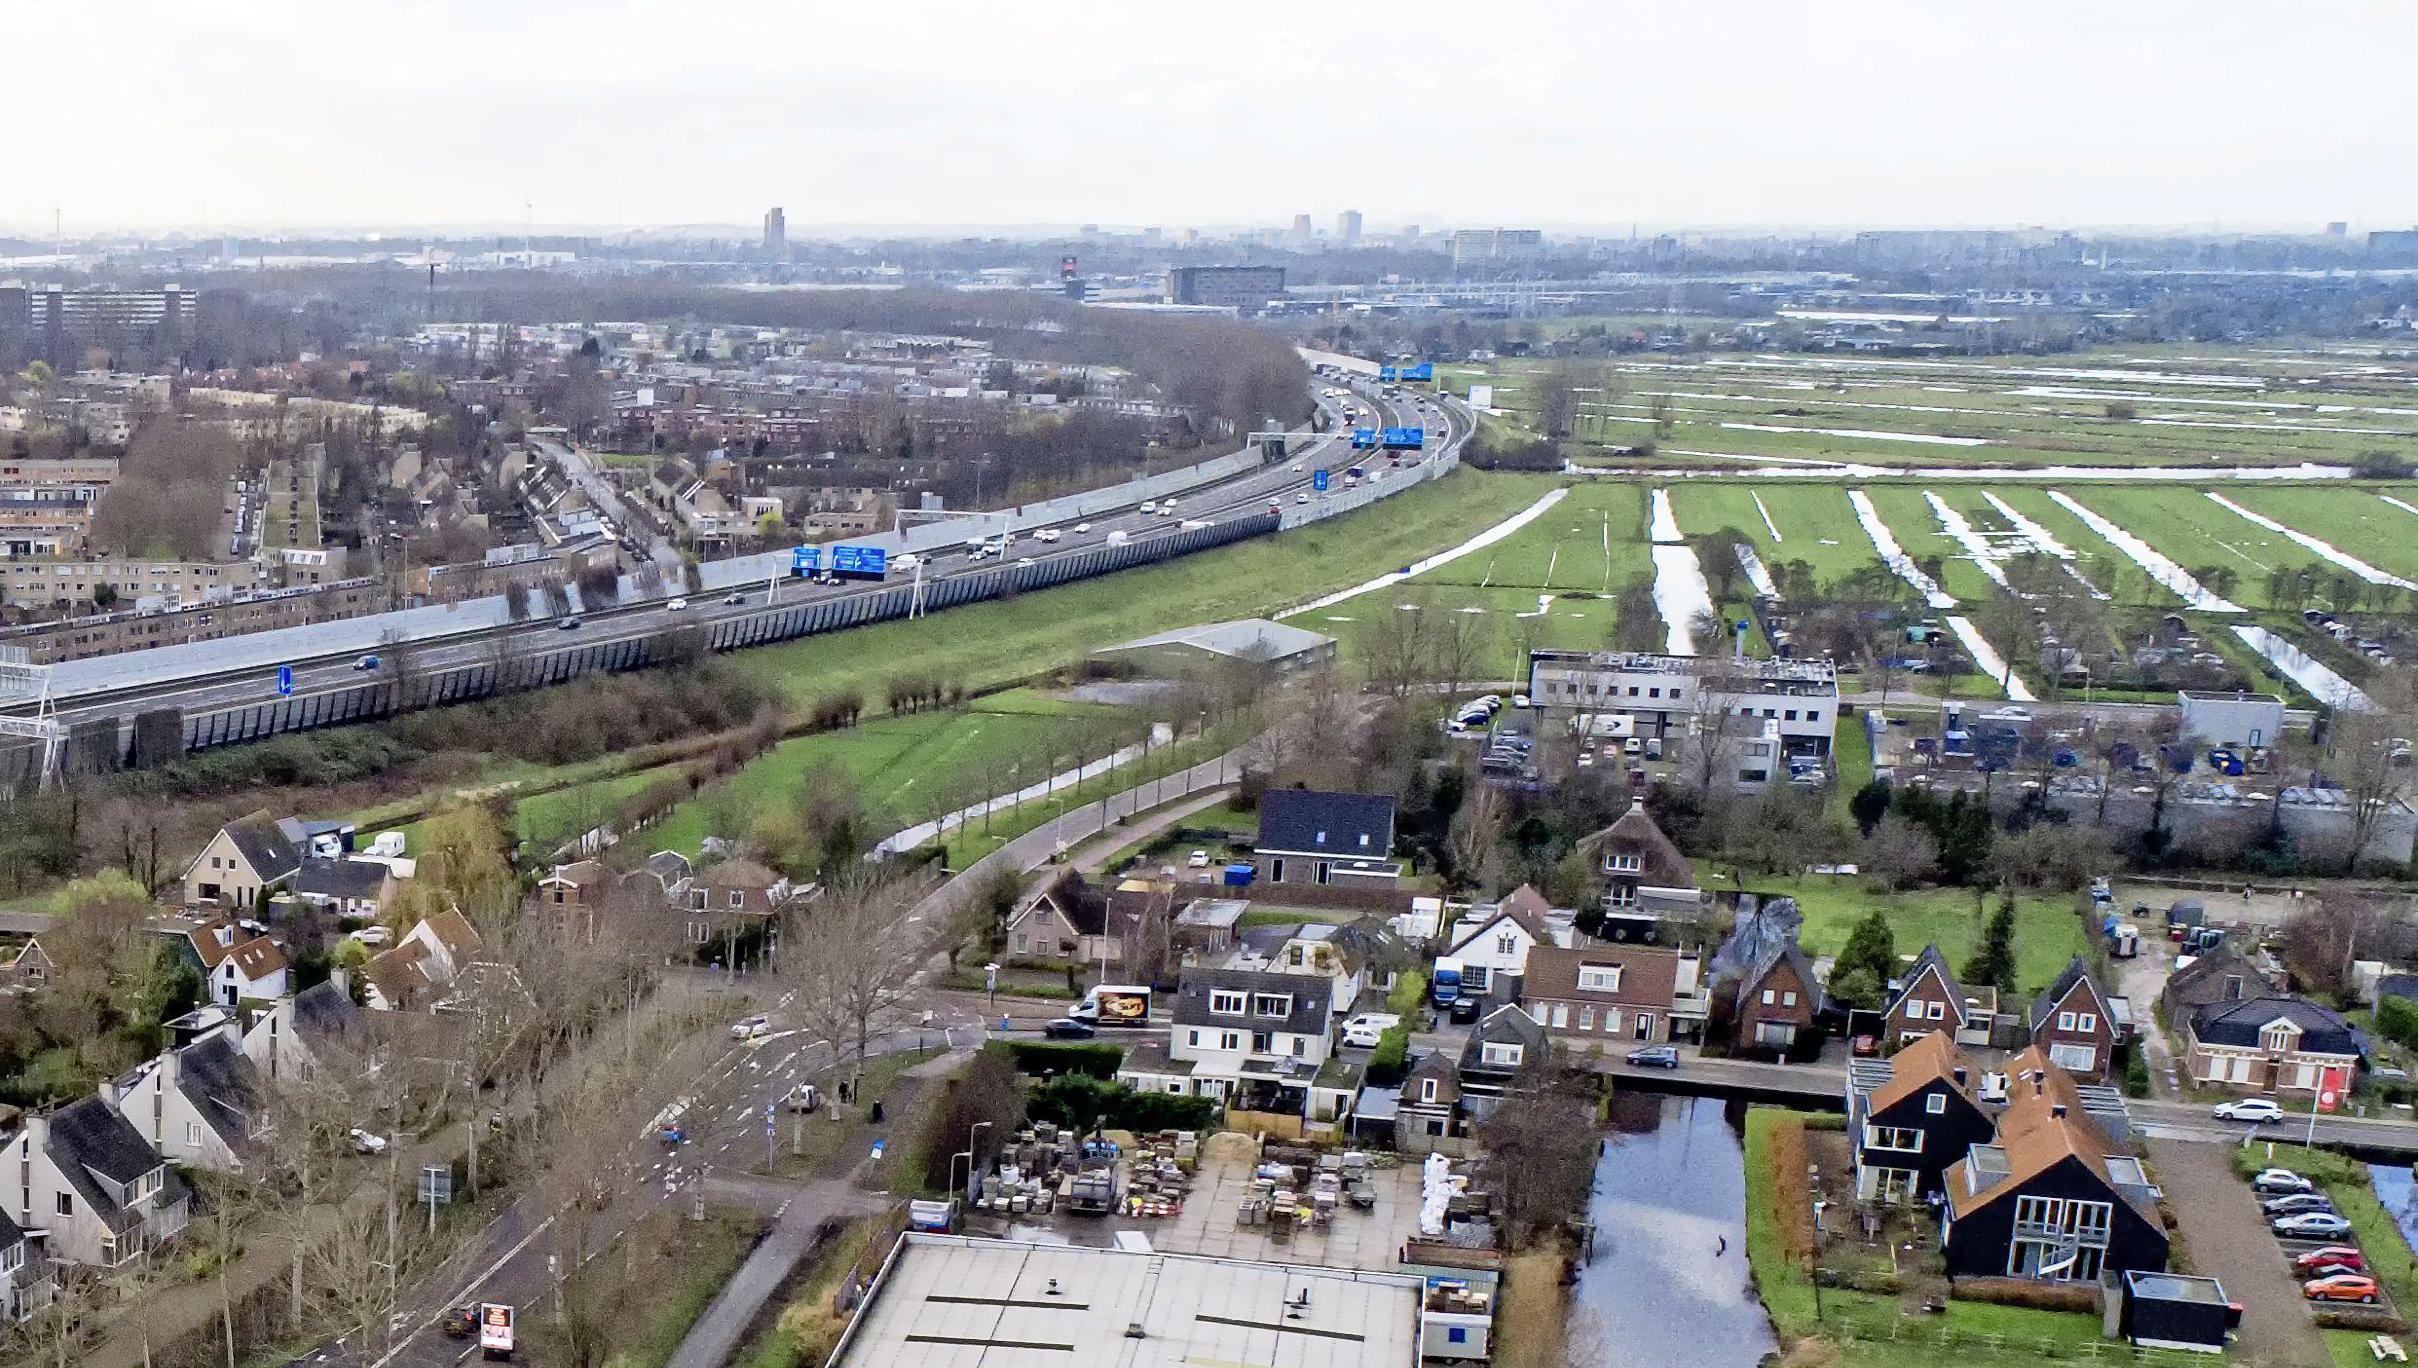 SP en Groenlinks zien vakantieresort in Landsmeer niet zitten: 'Gezin waarvan het huis is uitgebrand moet in andere gemeente een woning zoeken en hier zijn alsnog honderd vakantiehuisjes welkom?'